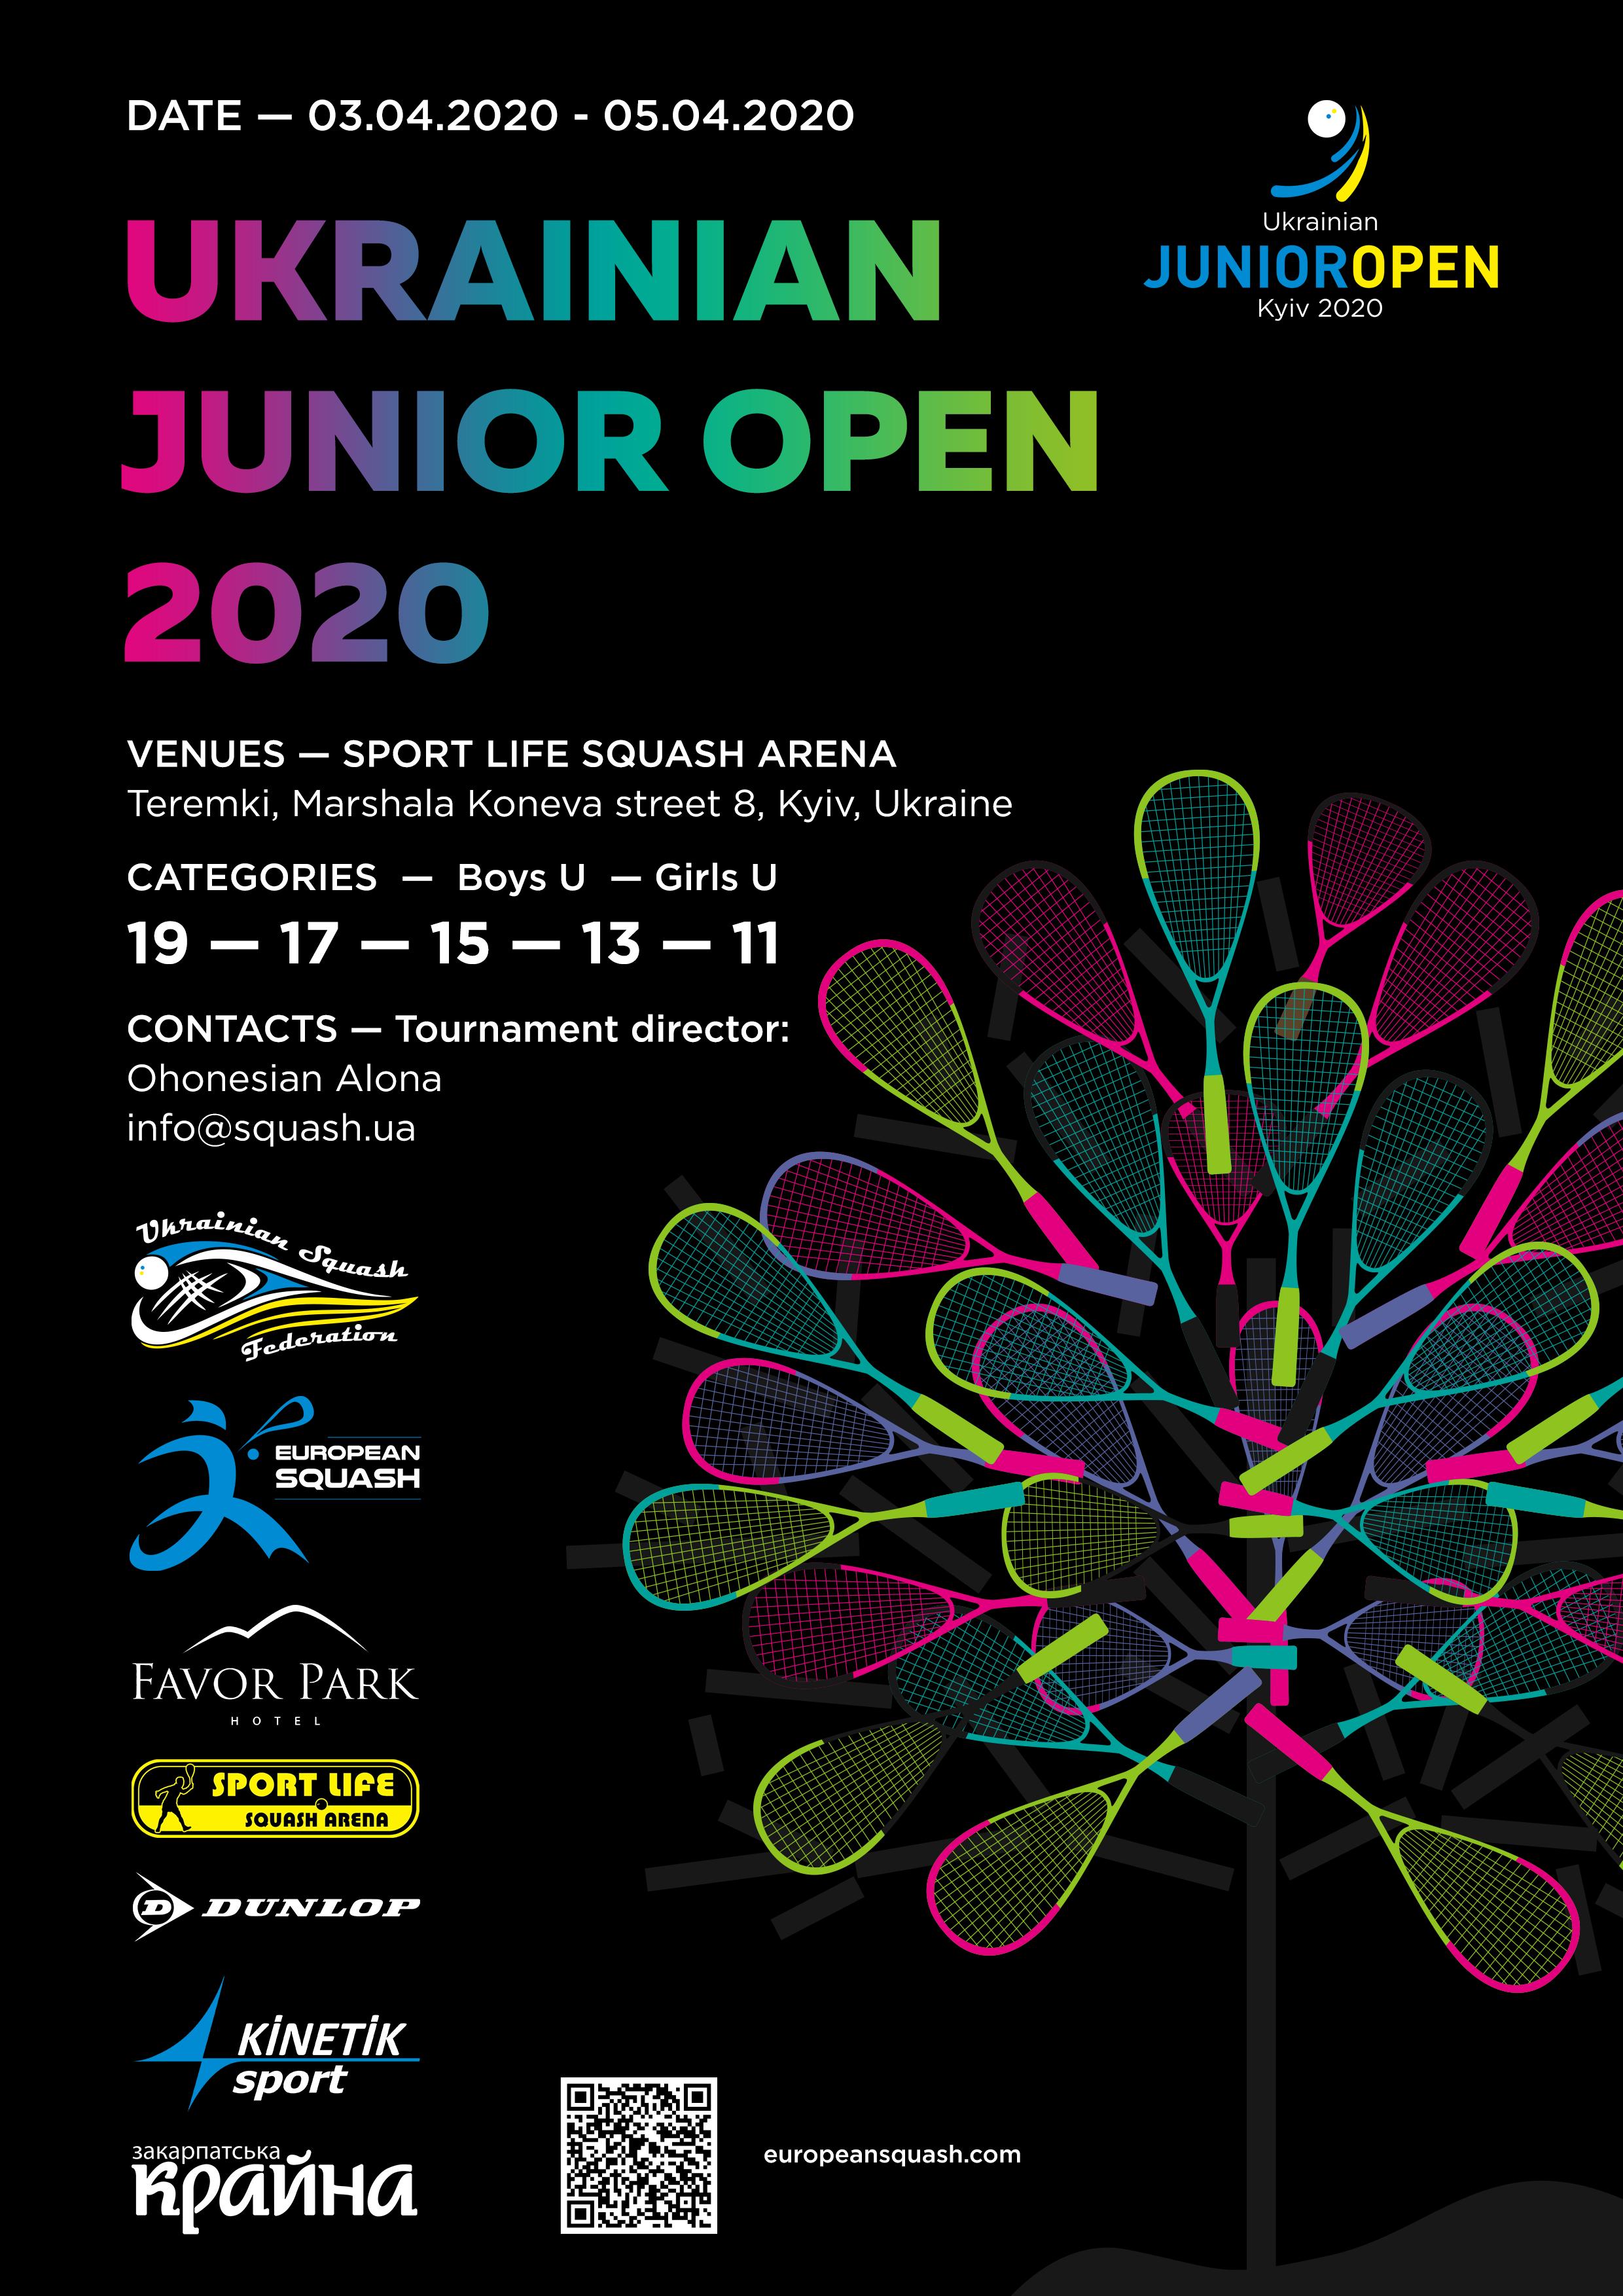 Ukrainian Junior Open 2020